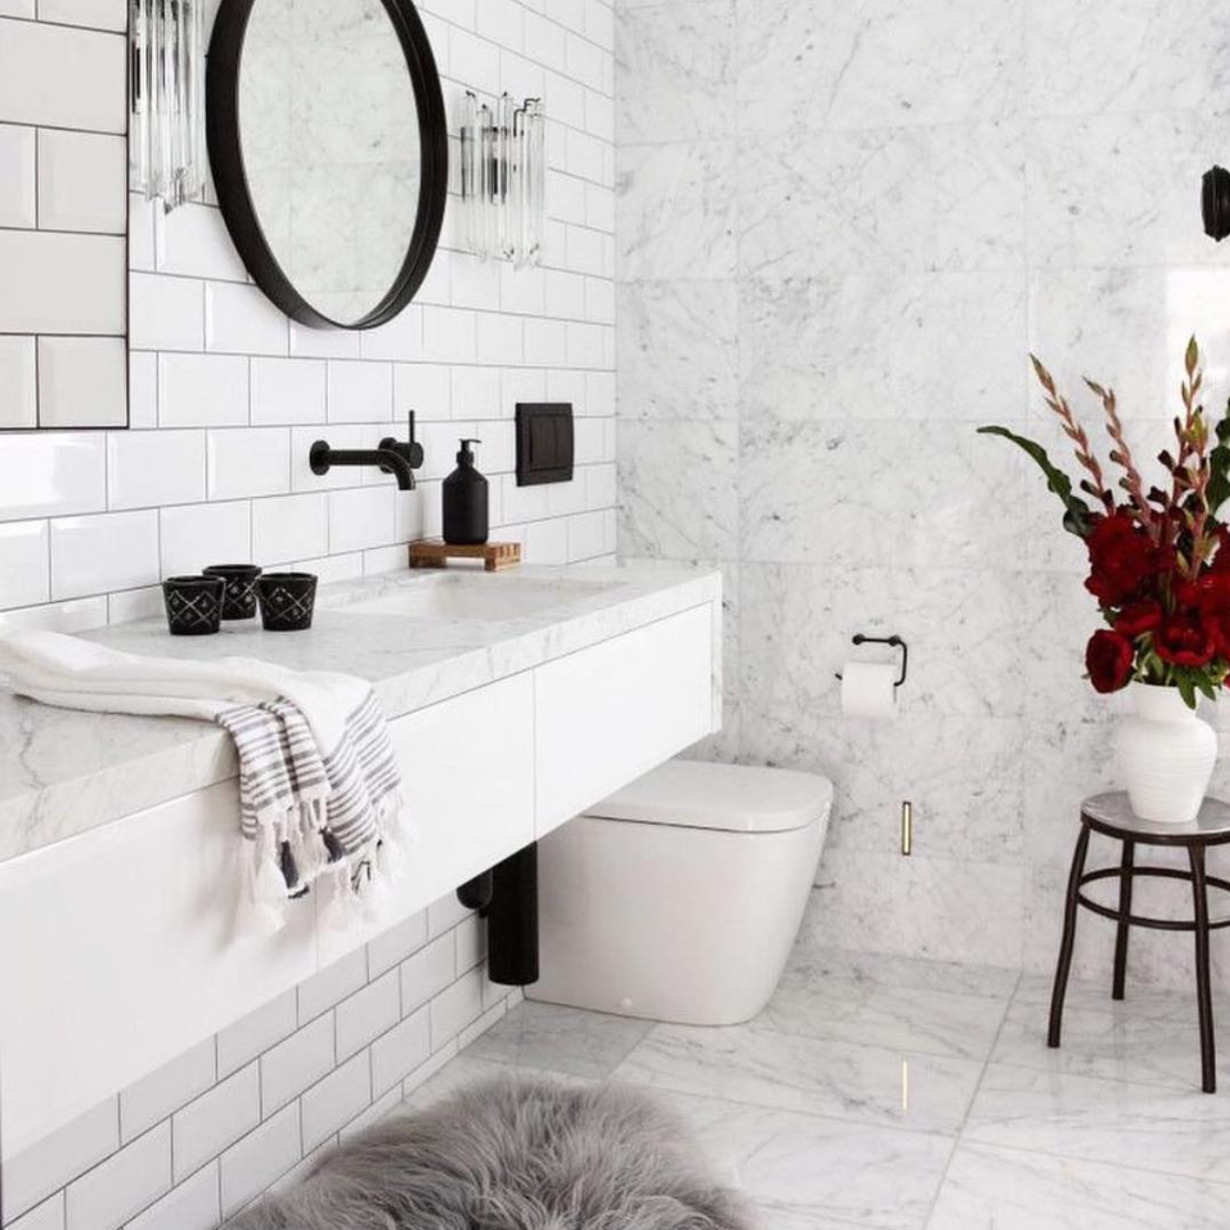 Modelli Tende Da Bagno guida alla scelta del lavabo da bagno | modo d